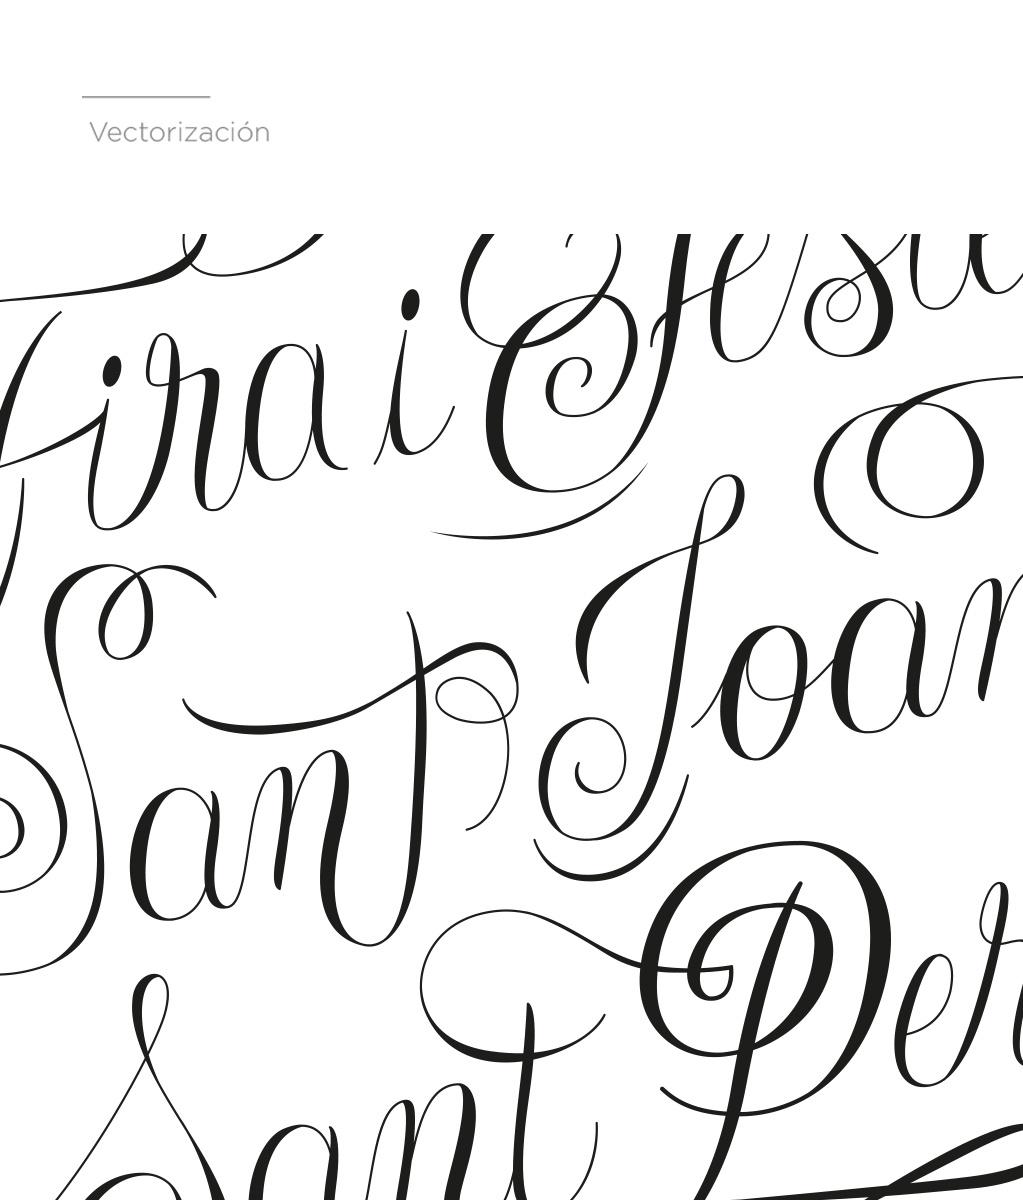 Lettering, letras vectorizadas, caligrafía